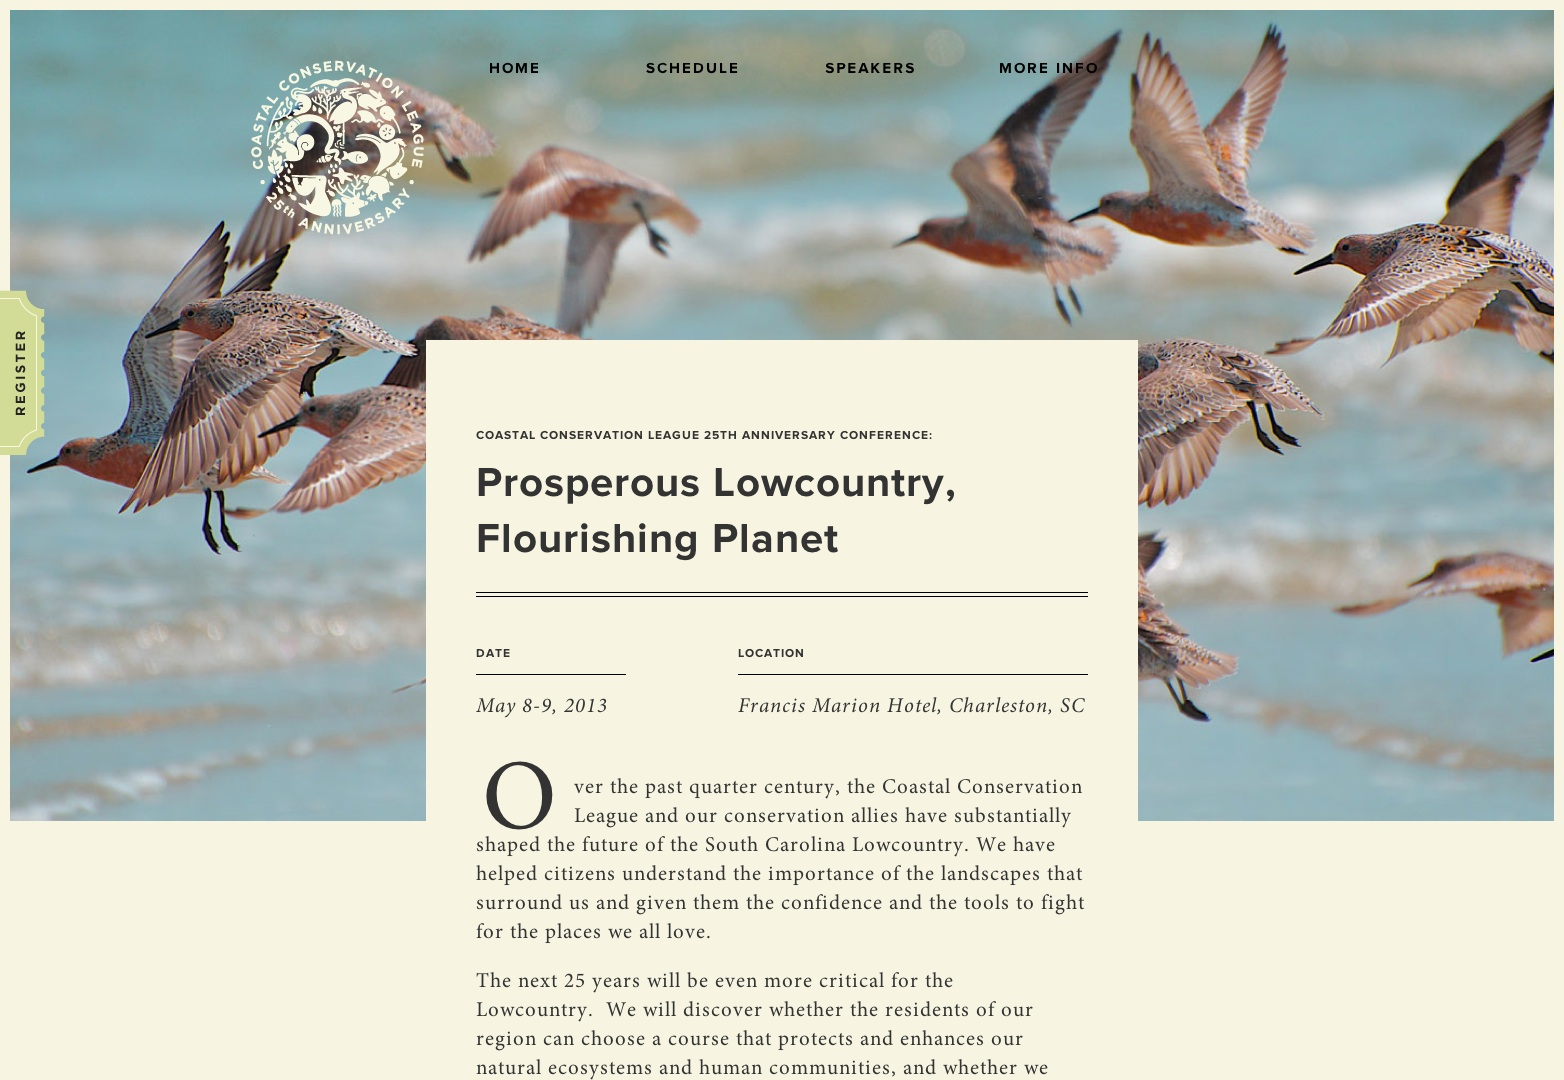 Liga Costera de Conservación